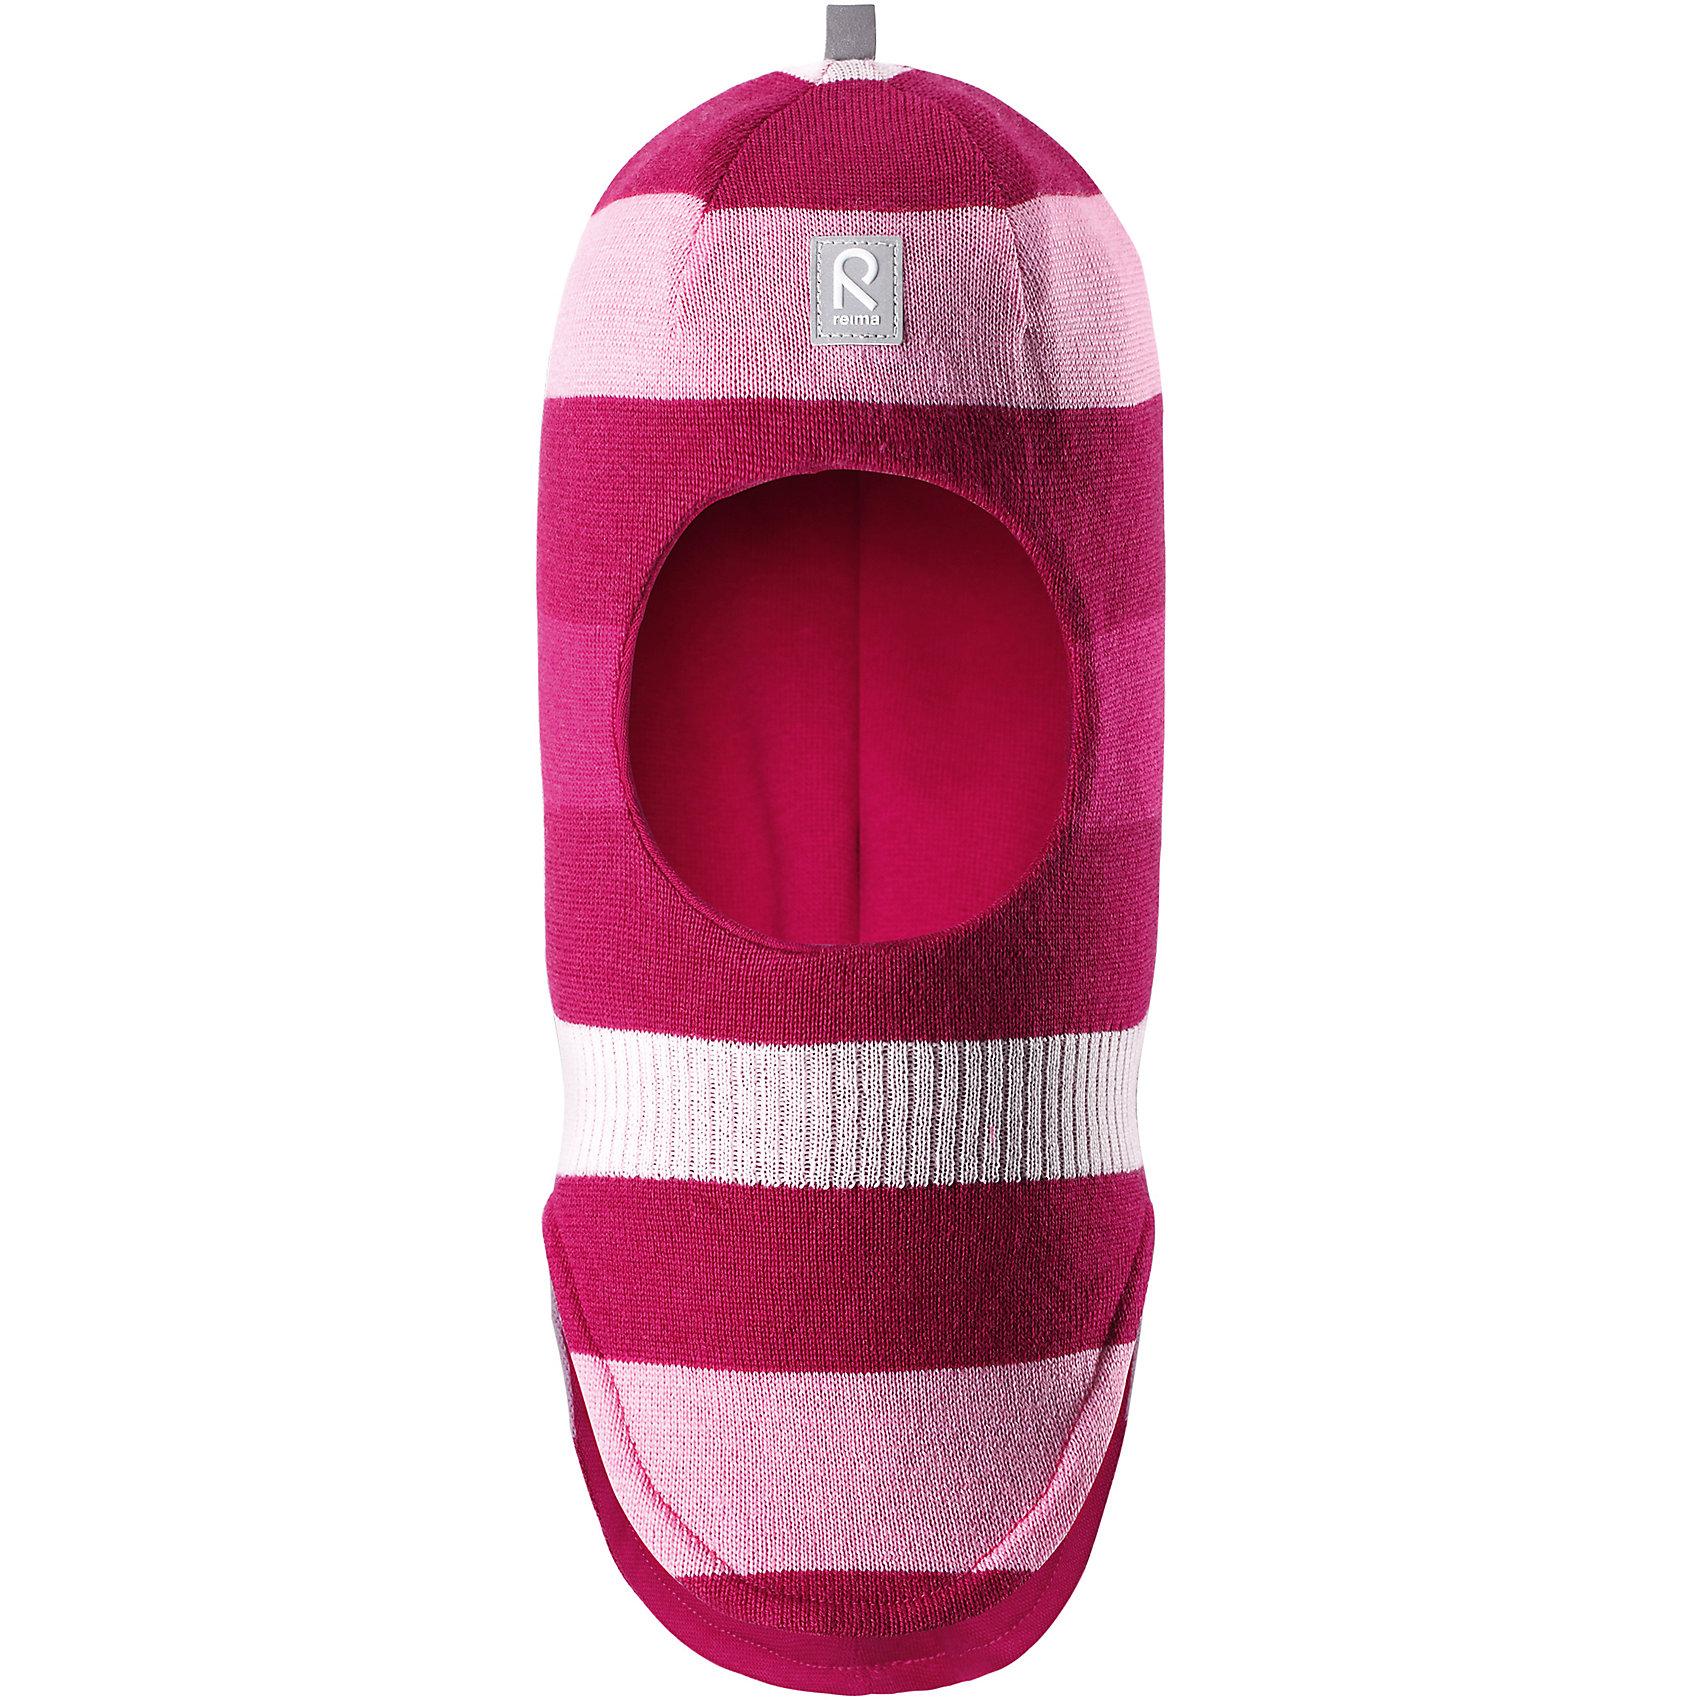 Шапка-шлем Reima StarrieГоловные уборы<br>Характеристики товара:<br><br>• цвет: фуксия/розовый;<br>• состав: 100% шерсть;<br>• подкладка: 97% хлопок, 3% эластан<br>• температурный режим: от 0 до -20С;<br>• сезон: зима; <br>• особенности модели: вязаная, на подкладке;<br>• мягкая ткань из мериносовой шерсти для поддержания идеальной температуры тела;<br>• сплошная подкладка: хлопковый трикотаж с эластаном;<br>• ветронепроницаемые вставки в области ушей;<br>• светоотражающая эмблема;<br>• логотип Reima спереди;<br>• страна бренда: Финляндия;<br>• страна изготовитель: Китай.<br><br>Вязаная шапка-шлем в полоску из коллекции Reima® Originals защищает голову малыша в холодную пору. Эта шапка-шлем для малышей и детей постарше связана из теплой шерсти и подшита мягкой на ощупь подкладкой из смеси хлопка и эластана, которая удобно облегает голову.<br><br>Ветронепроницаемые вставки в области ушей, вшитые между подкладкой и верхним слоем, защищают ушки от холодного ветра. Эта классическая модель хорошо закрывает лоб, щечки и шею. <br><br>Шапка-шлем Reima Starrie от финского бренда Reima (Рейма) можно купить в нашем интернет-магазине.<br><br>Ширина мм: 89<br>Глубина мм: 117<br>Высота мм: 44<br>Вес г: 155<br>Цвет: розовый<br>Возраст от месяцев: 72<br>Возраст до месяцев: 84<br>Пол: Унисекс<br>Возраст: Детский<br>Размер: 54,46,48,50,52<br>SKU: 6906964